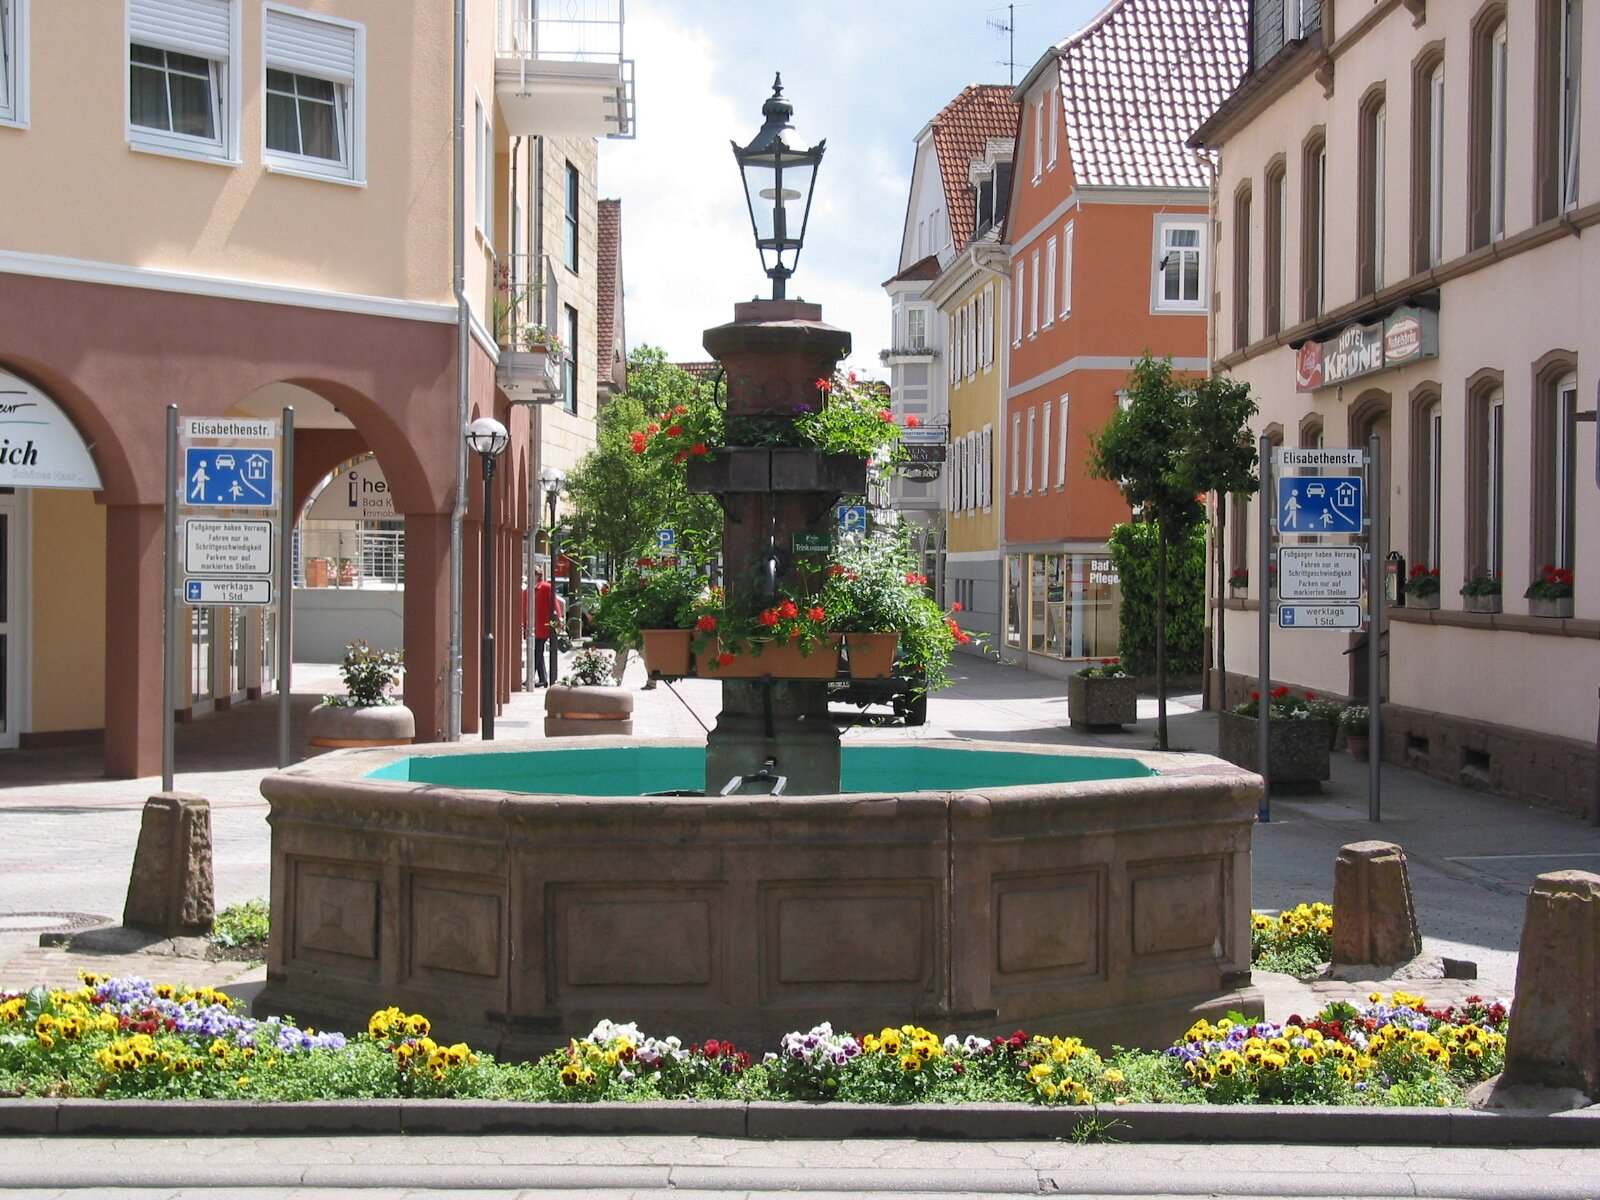 Gro�er Brunnen in Bad K�nig